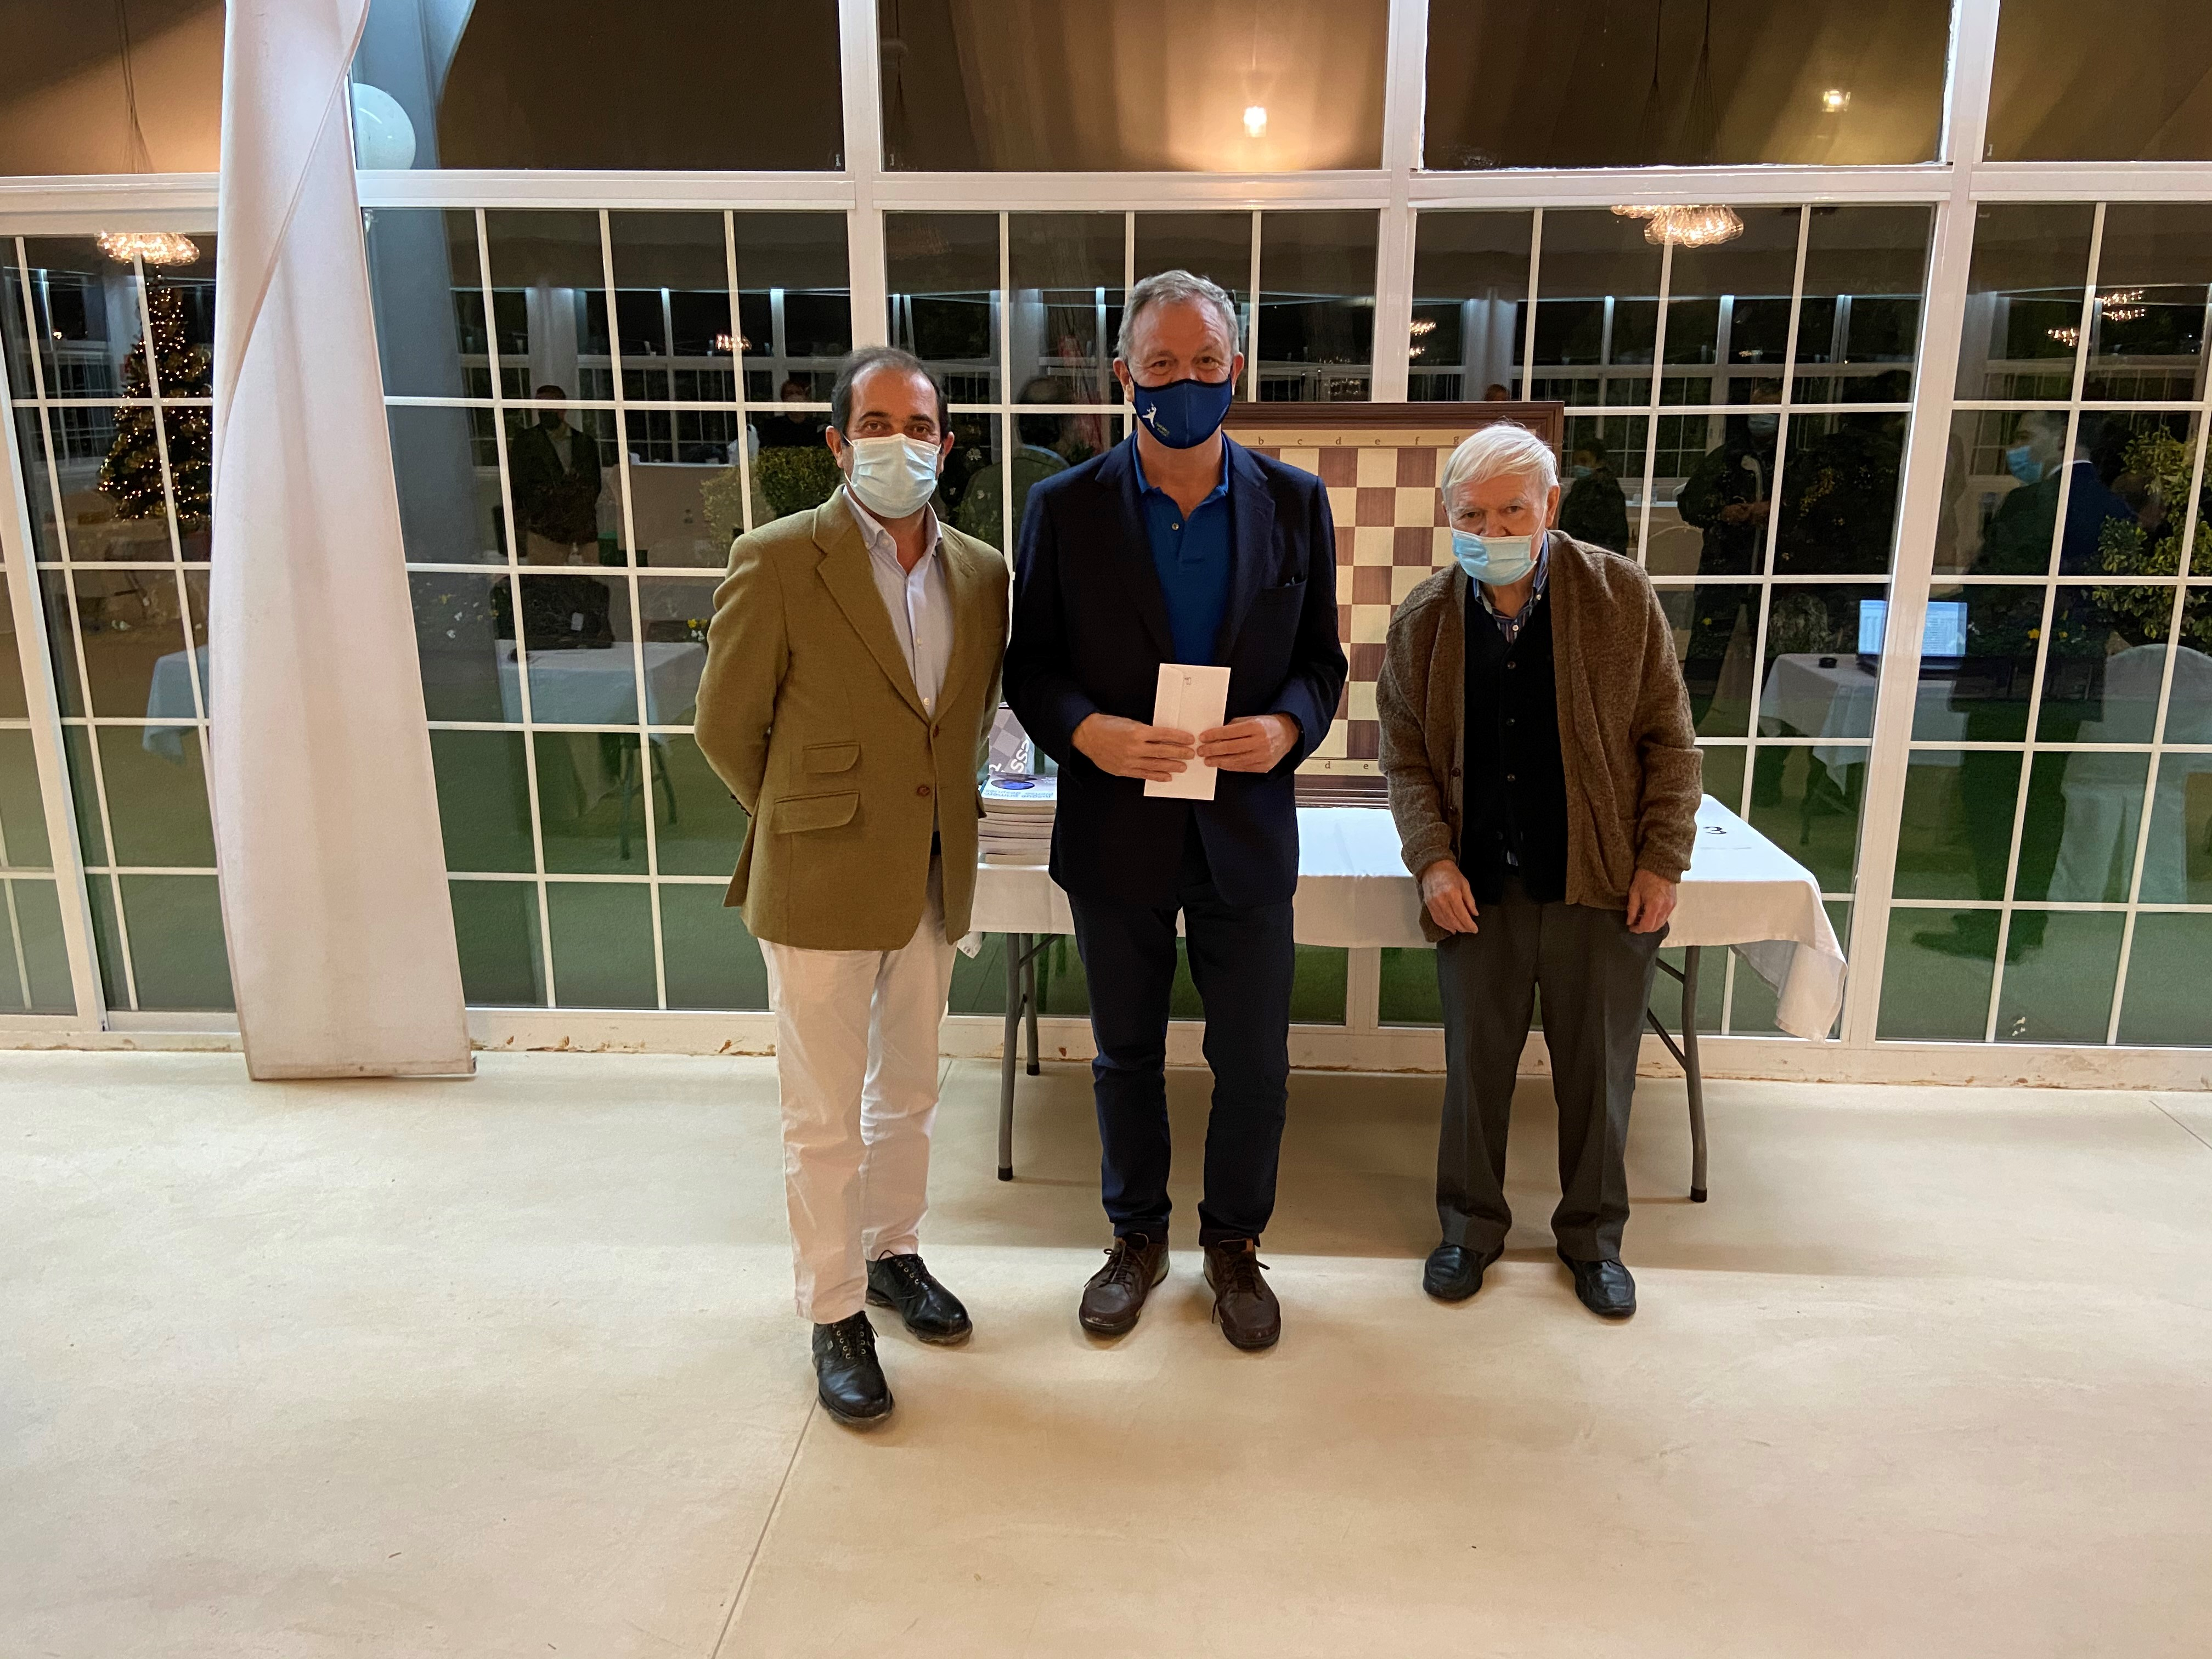 El delegado de ajedrez, Martín San Segundo (dcha.), y el director de deportes, Jesús Barrera (dcha.), flanquean al subcampeón, Fernando Semprún.